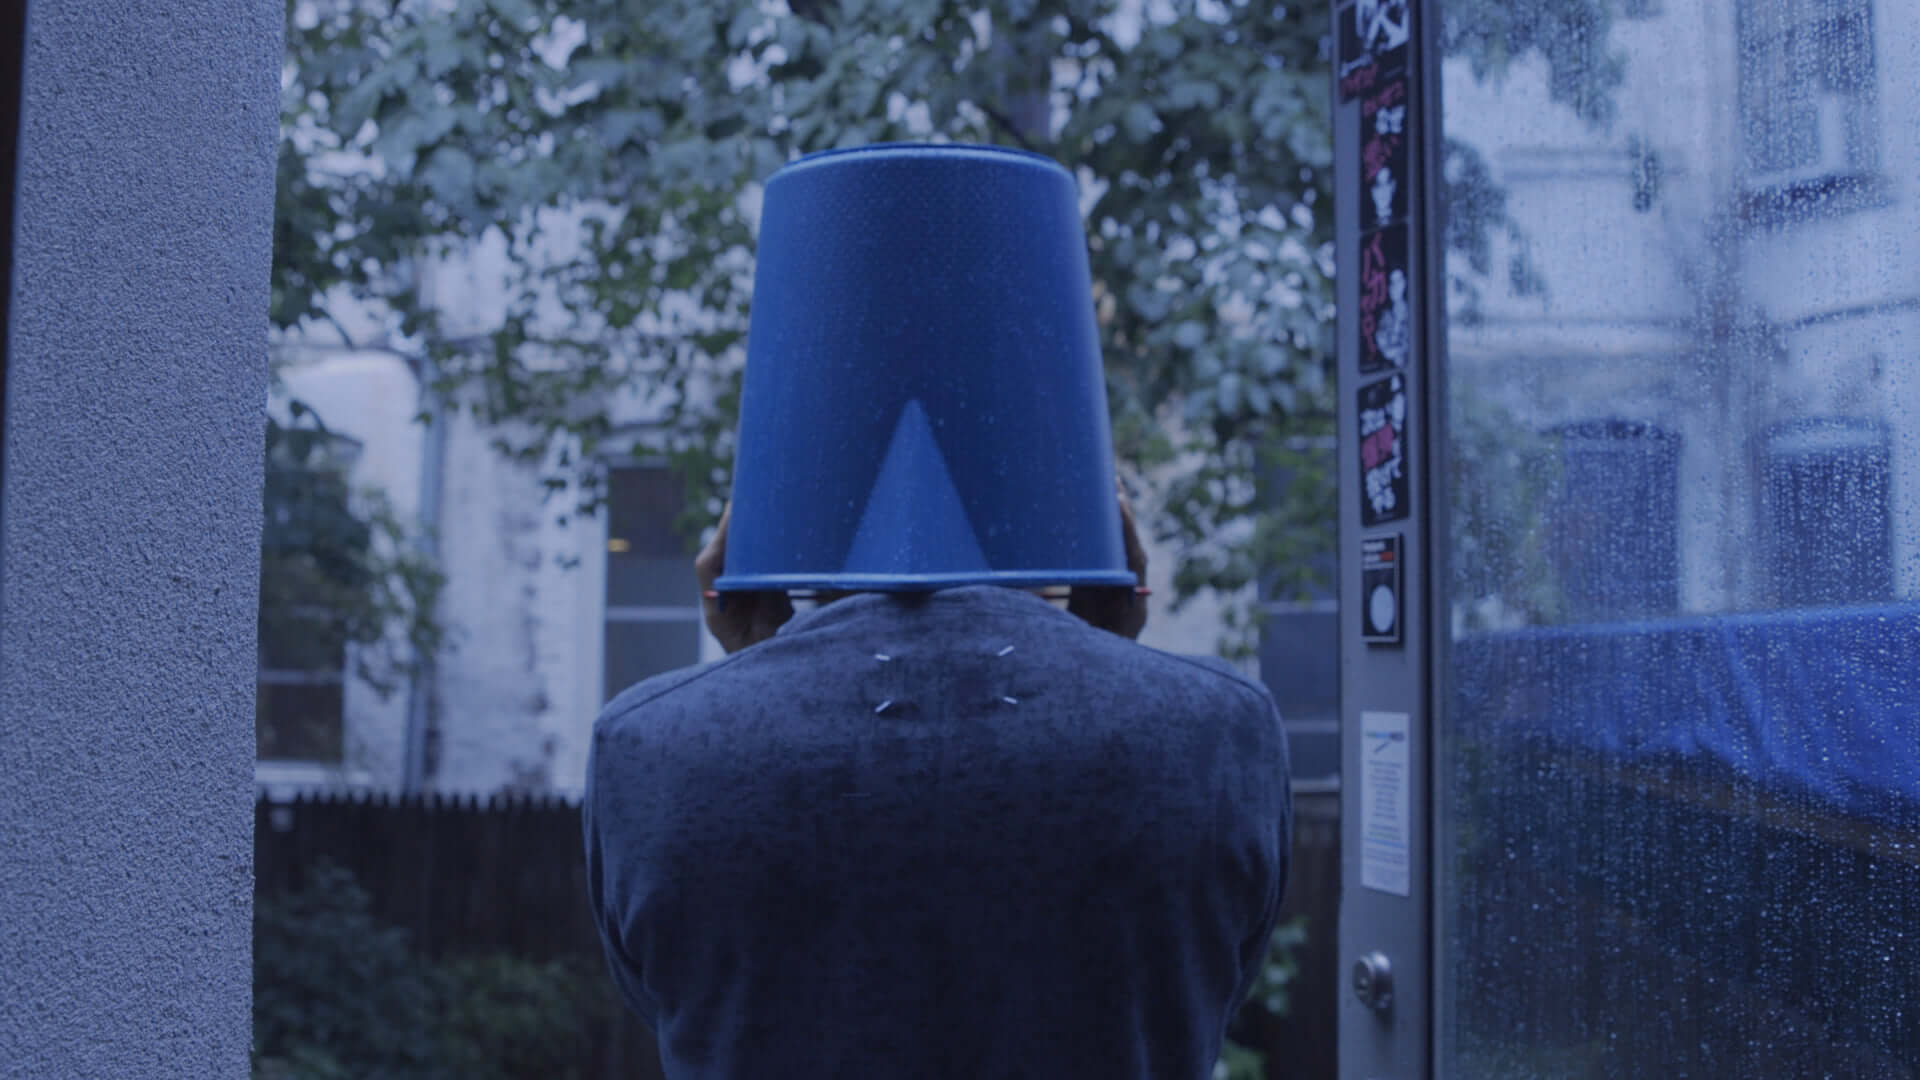 坂本龍一のドキュメンタリー映画『Ryuichi Sakamoto: CODA』がYouTubeにて期間限定で無料配信決定! film200520_ryuichisakamoto_coda_1-1920x1080